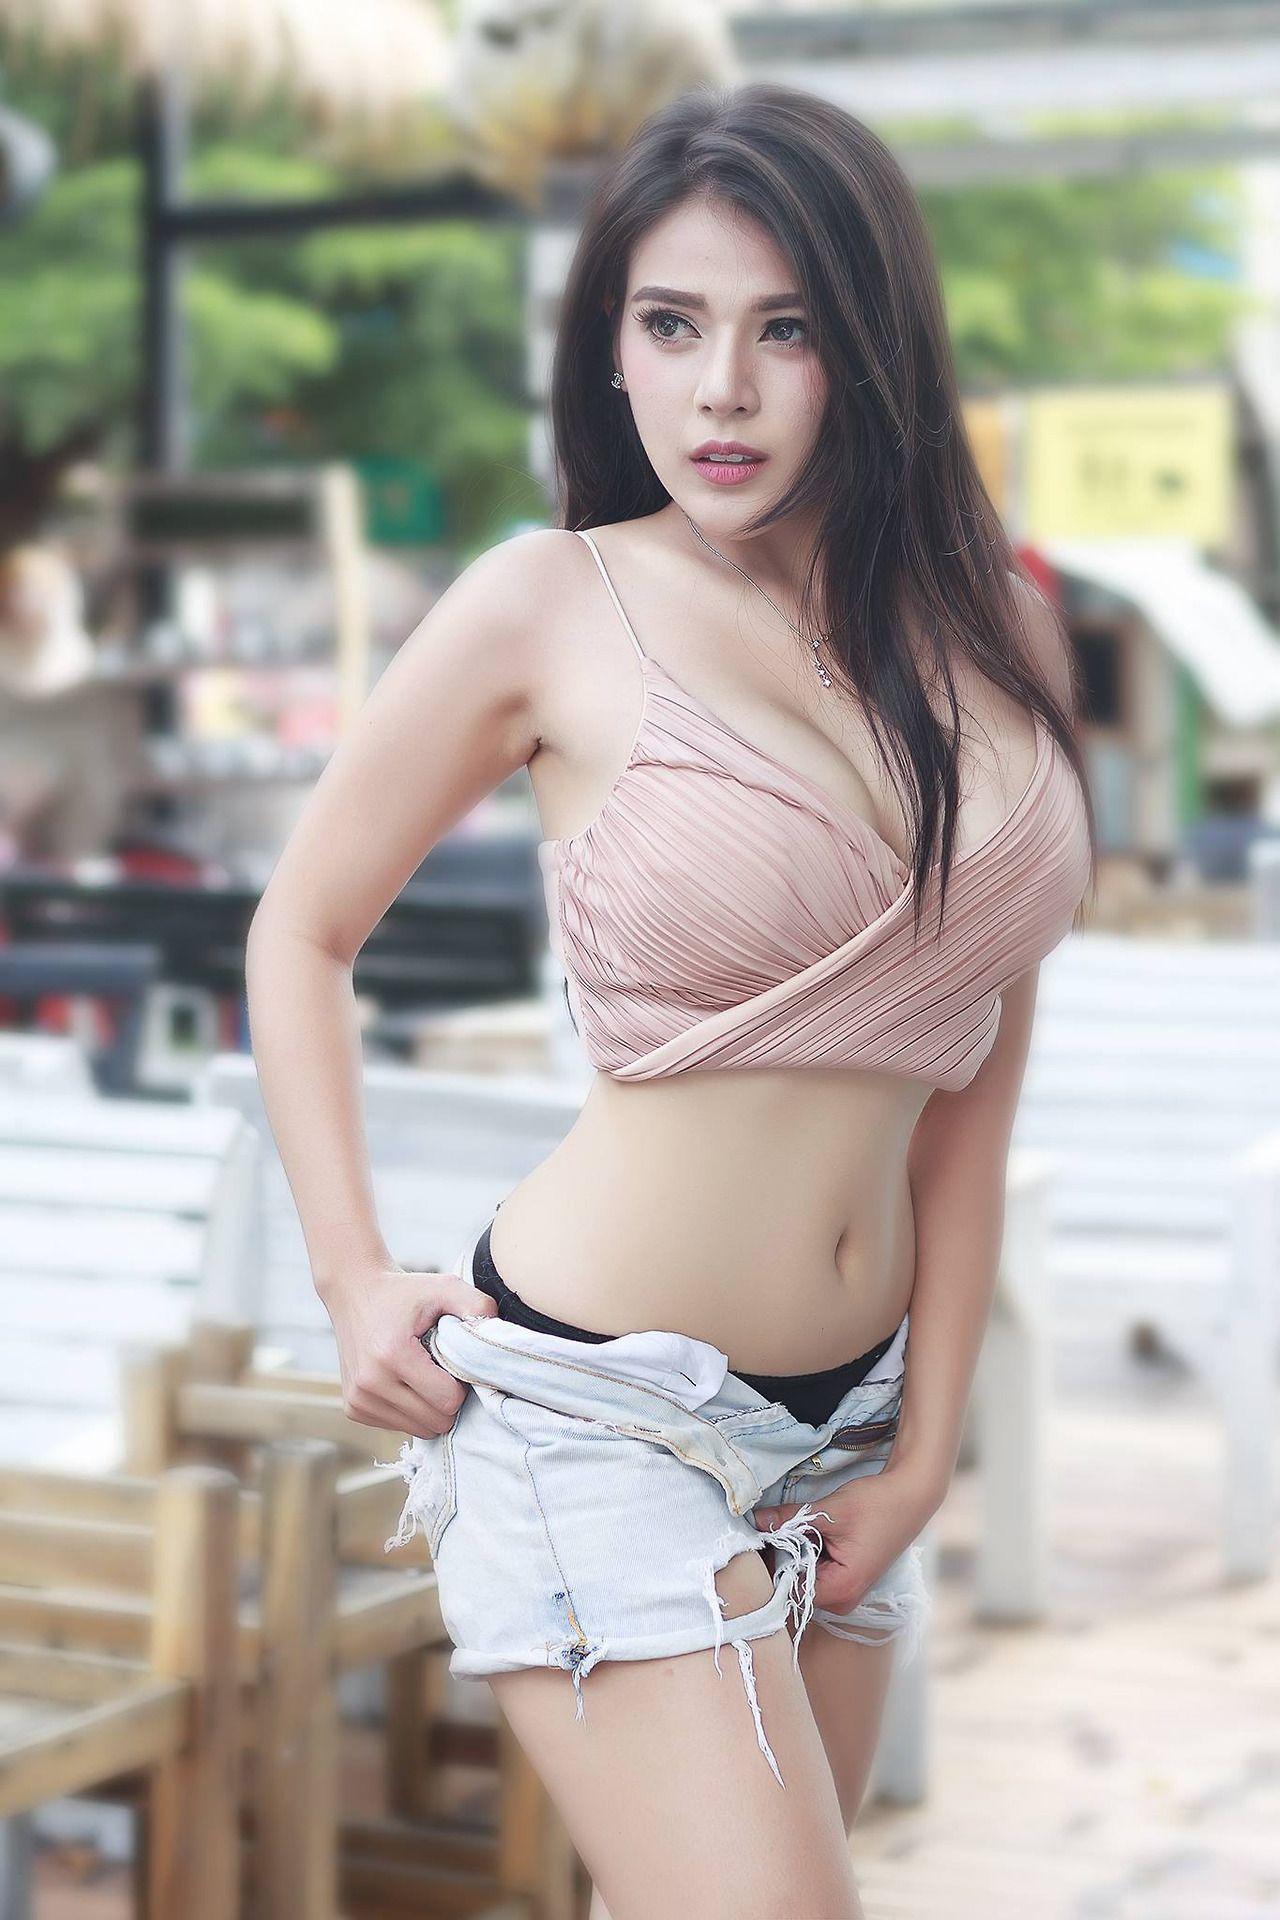 Asean hot girls